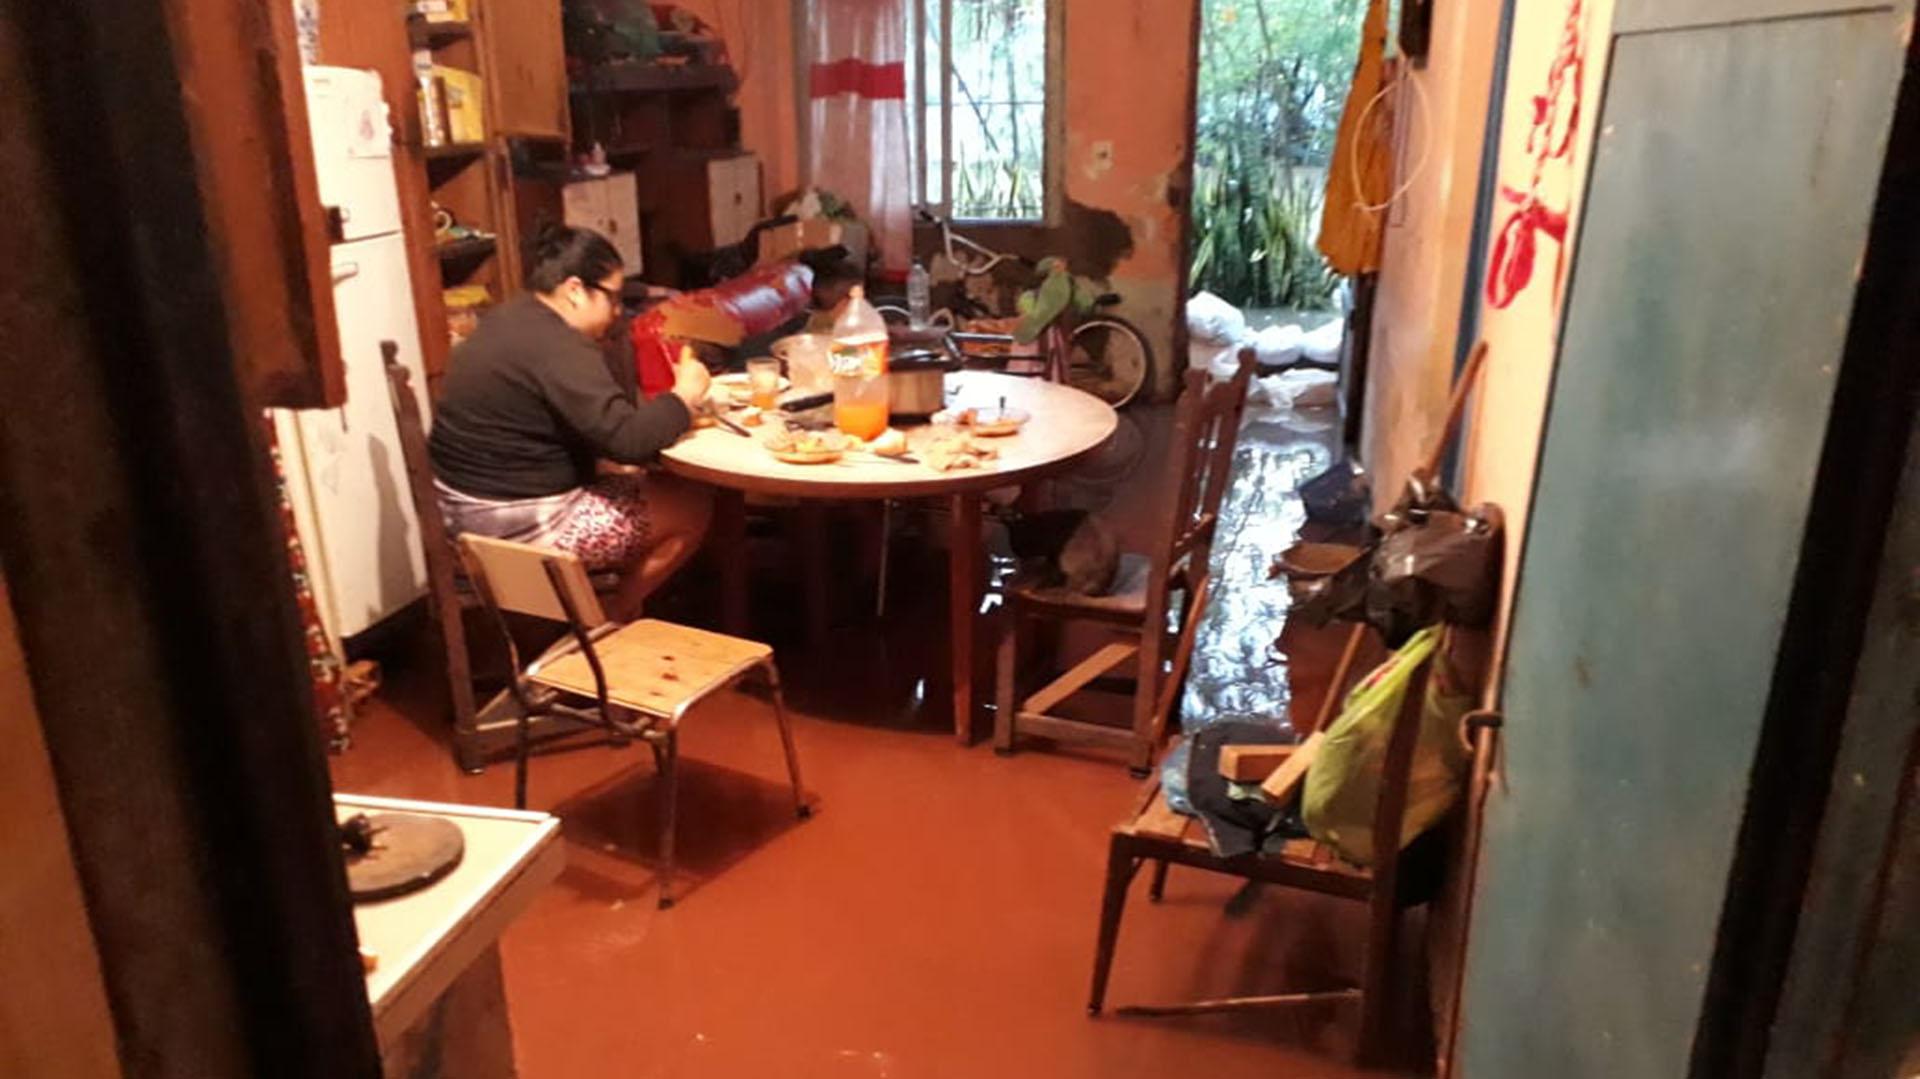 Las comunidades más afectadas son Resistencia, Las Breñas, La Clotilde, Hermoso Campo, Villa Ángela, General Piñedo, Pampa Landriel, El Palmar, Barranqueras y Puerto Vilelas (Cruz Roja Argentina)